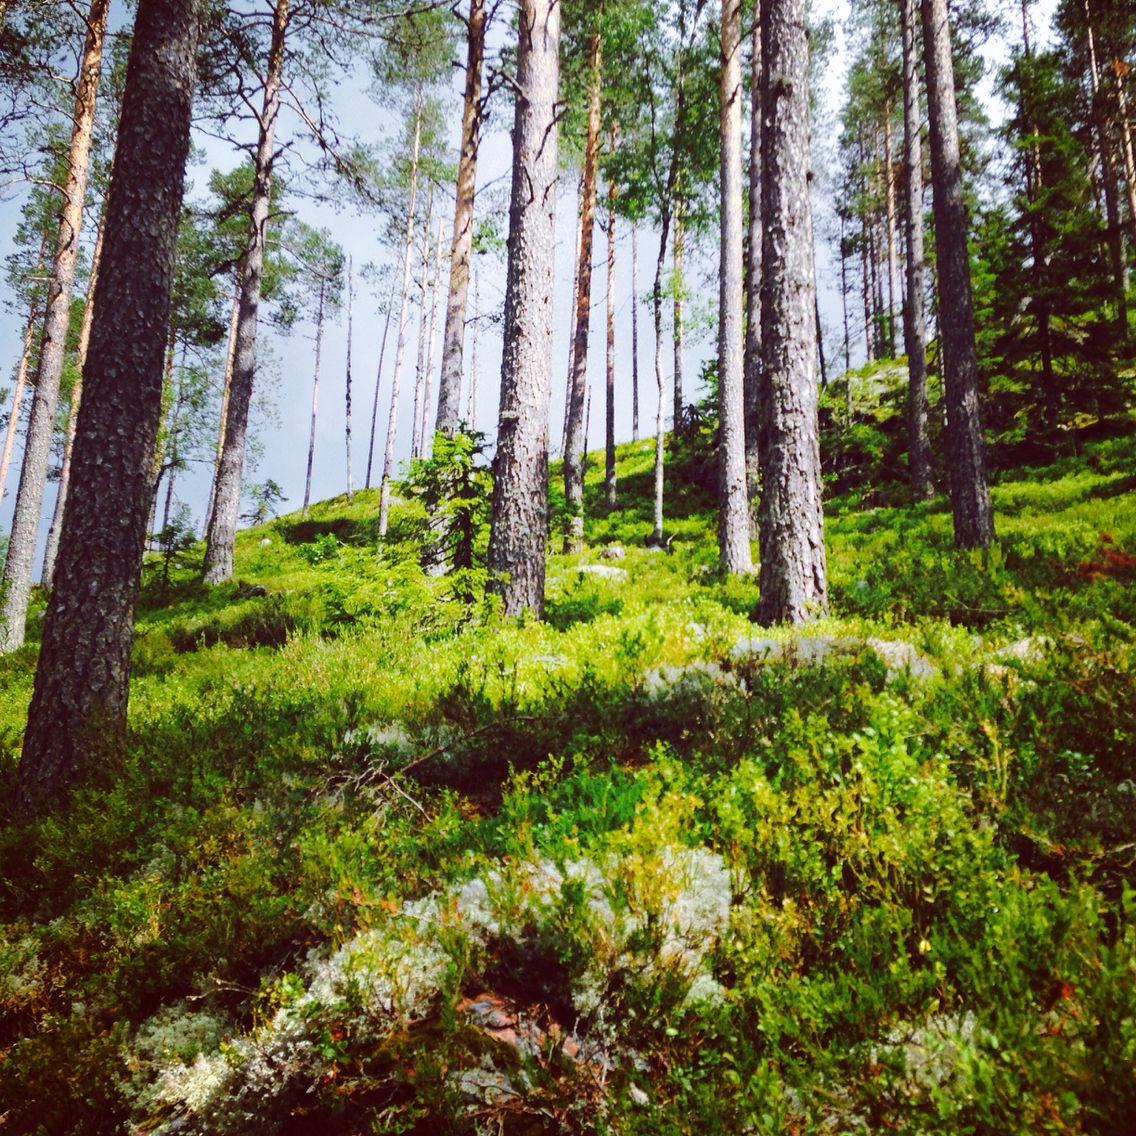 Naturen - swedish nature